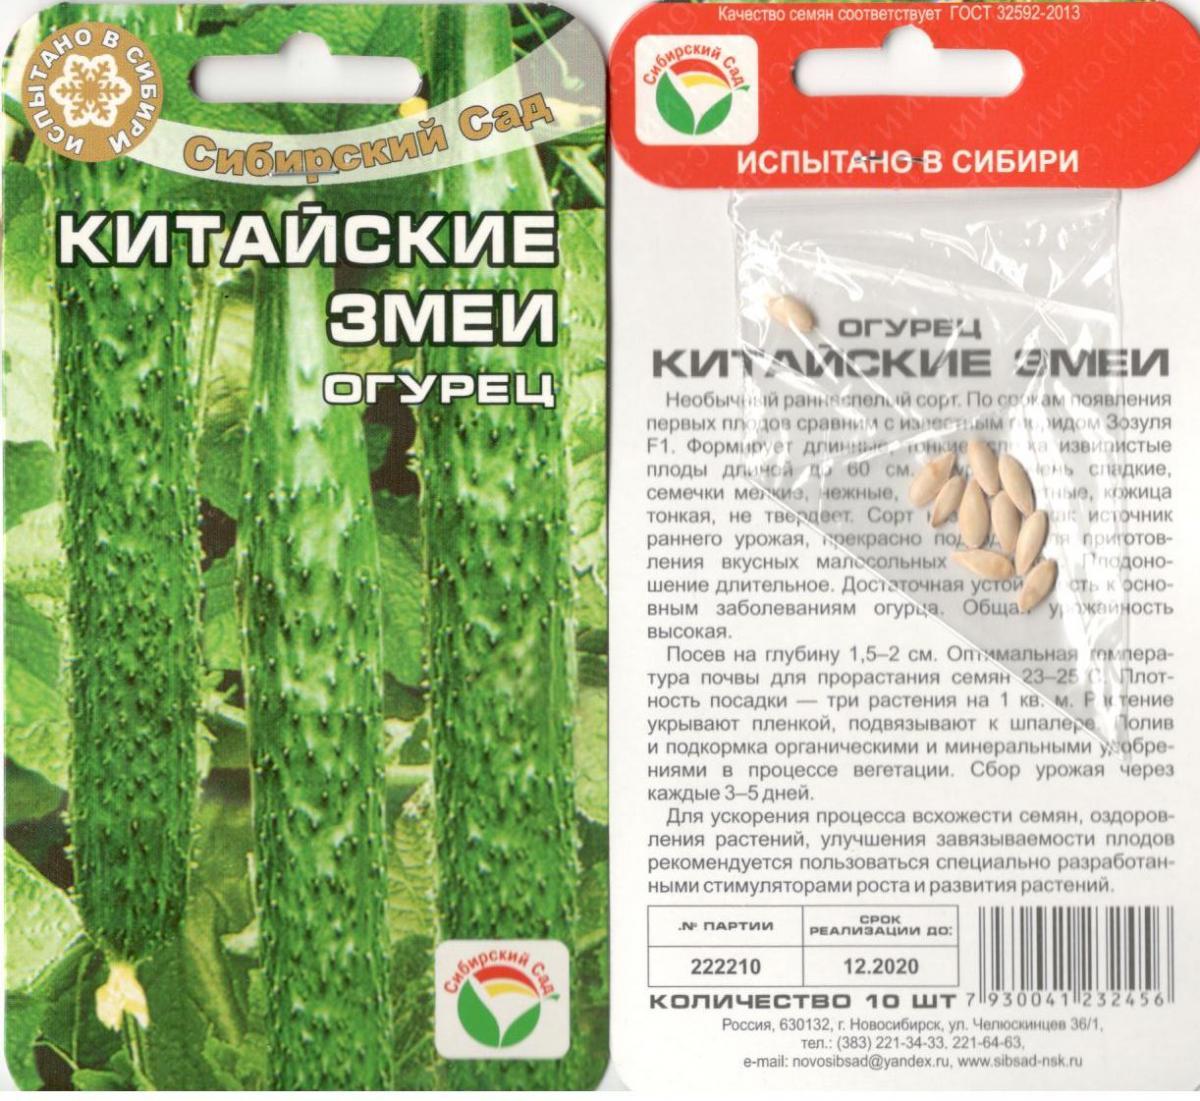 Китайский огурец. описание, выращивание, сорта, отзывы. фото — ботаничка.ru